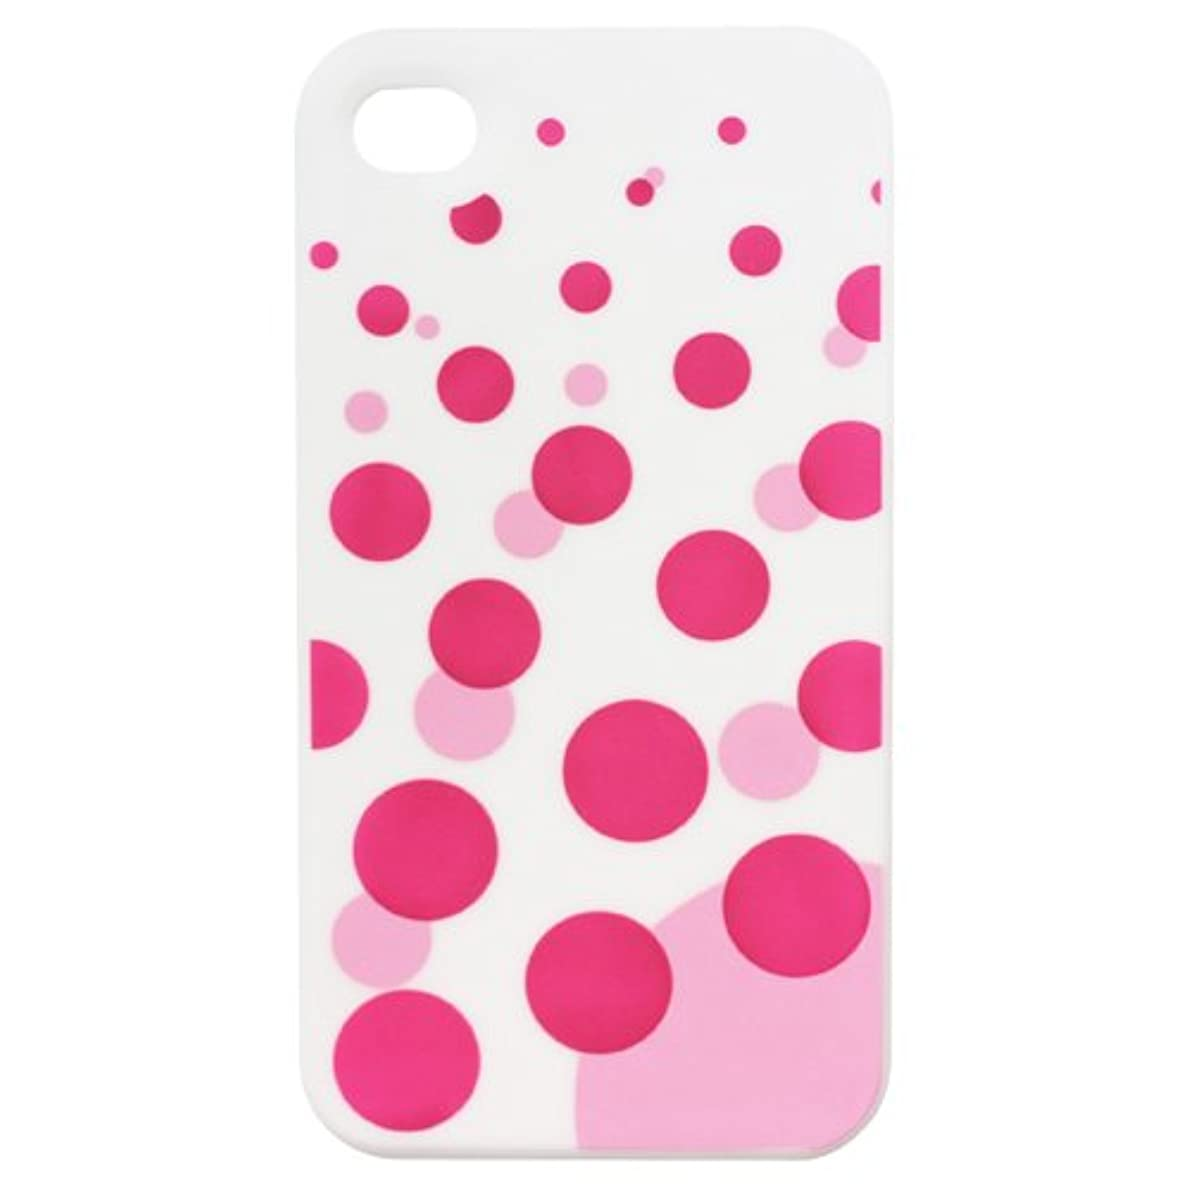 回転するコンクリート大事にするTMY iPhone4/4S用カバー カラーコレクション ソーダドット ホワイト CV-01WH